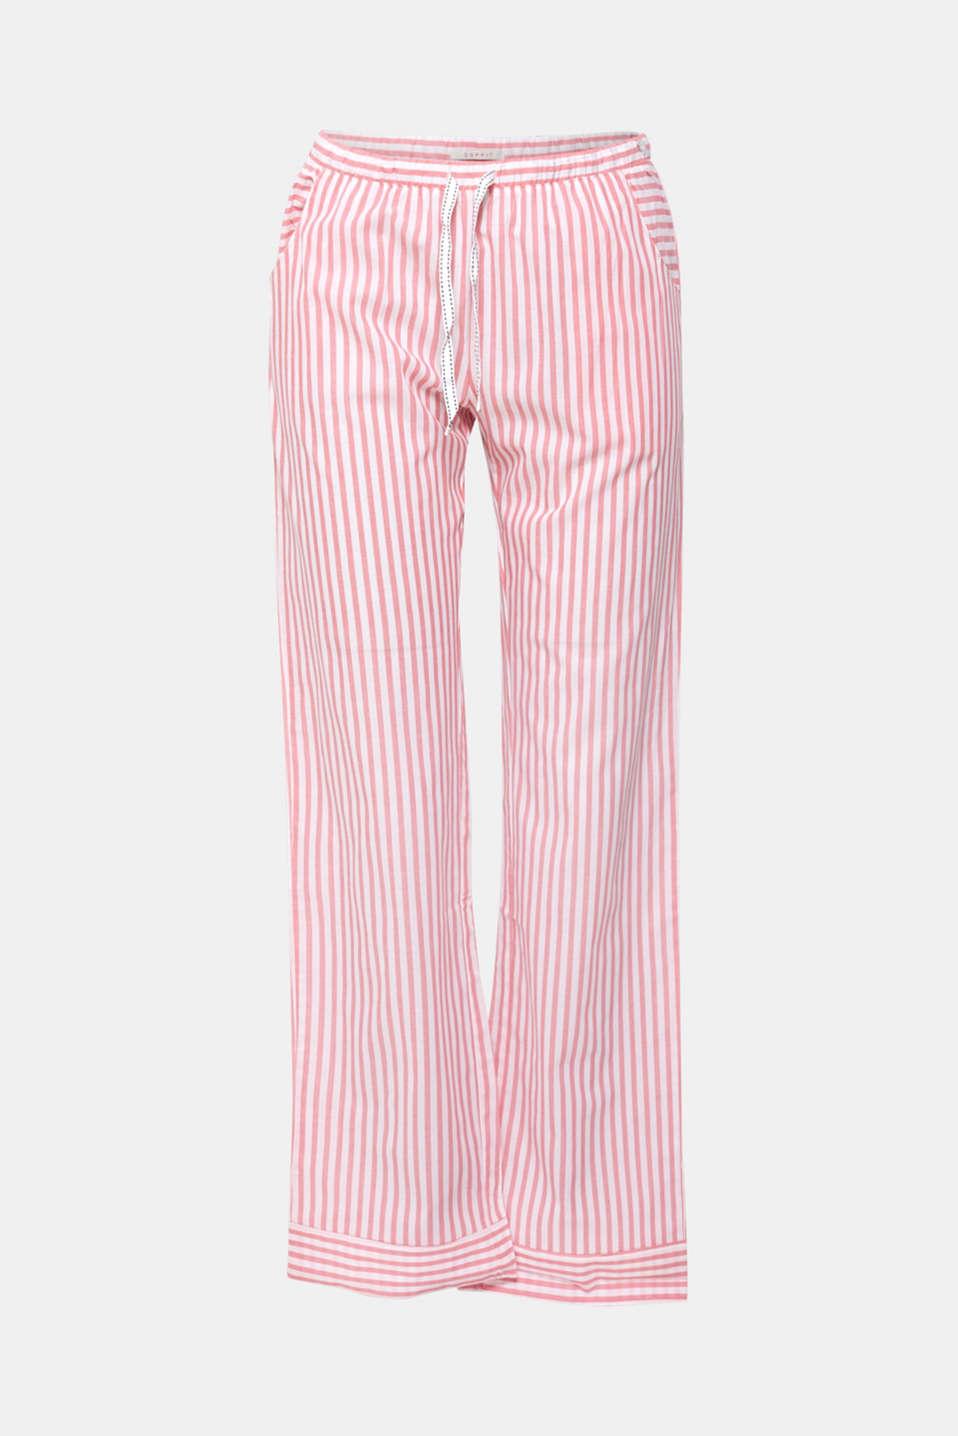 Nightpants, CORAL, detail image number 4